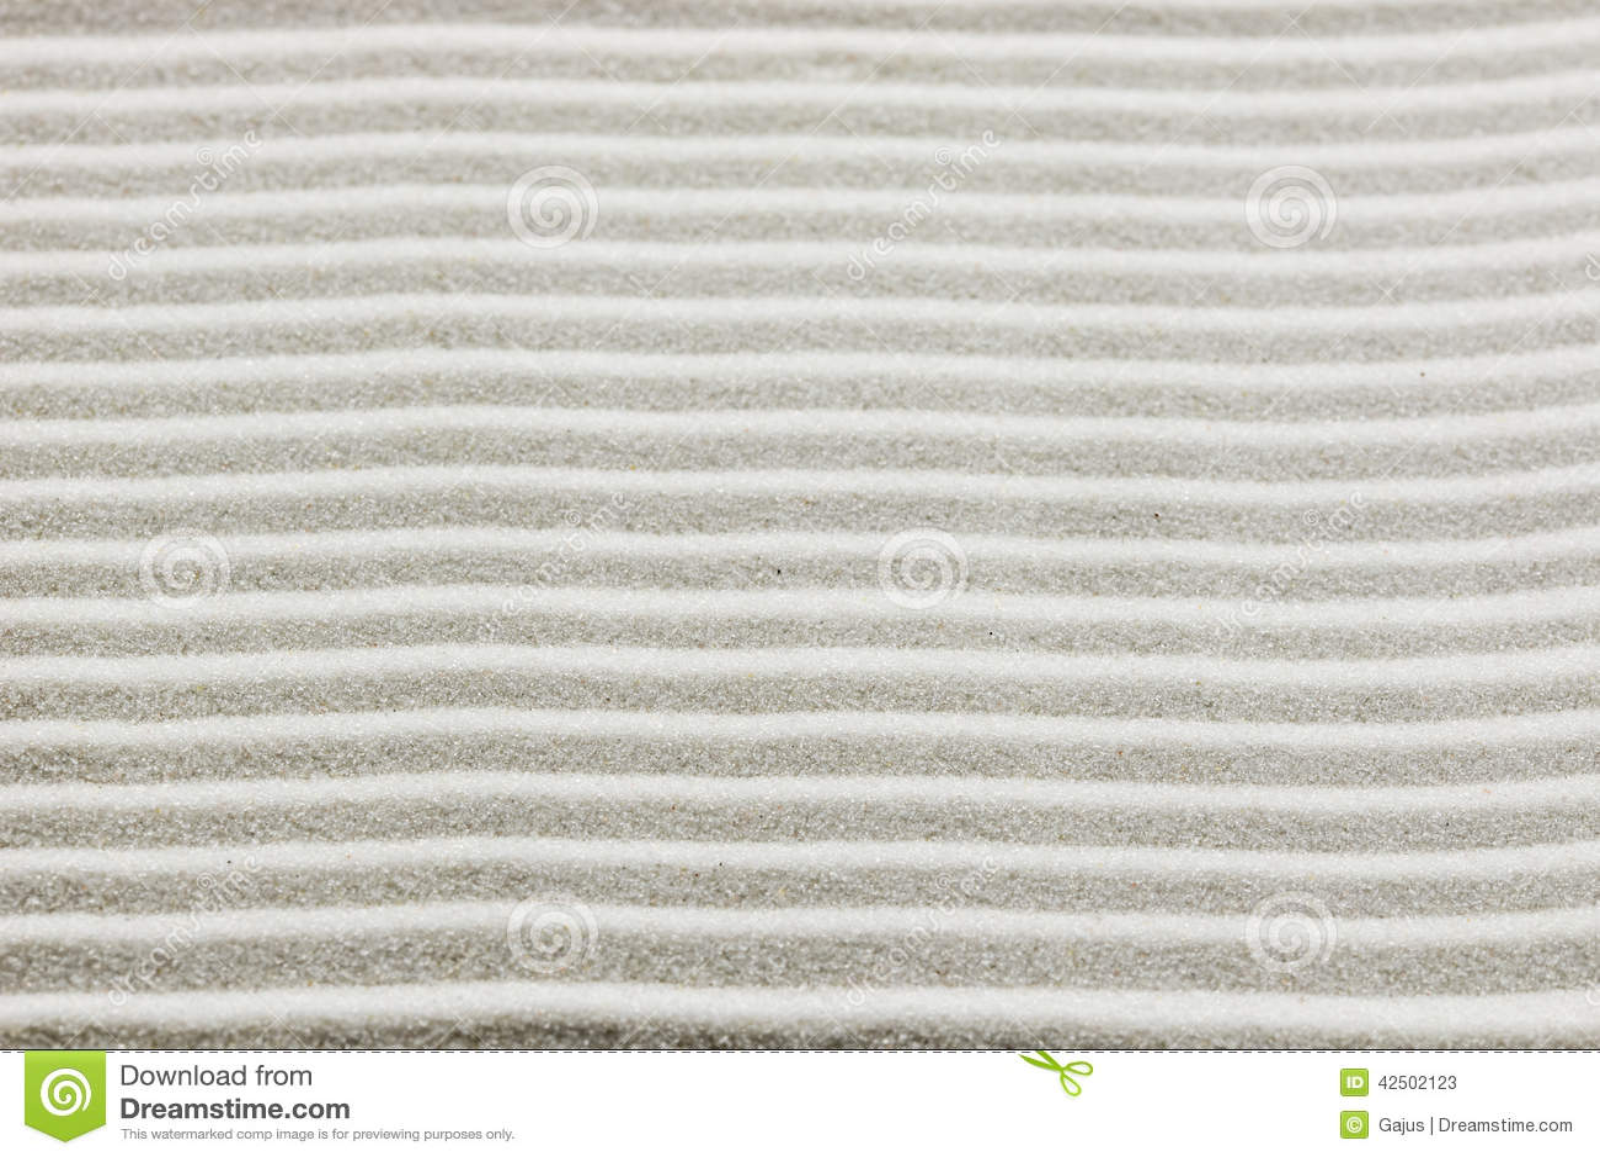 Background Pattern Of Raked White Sand Stock Image - Image